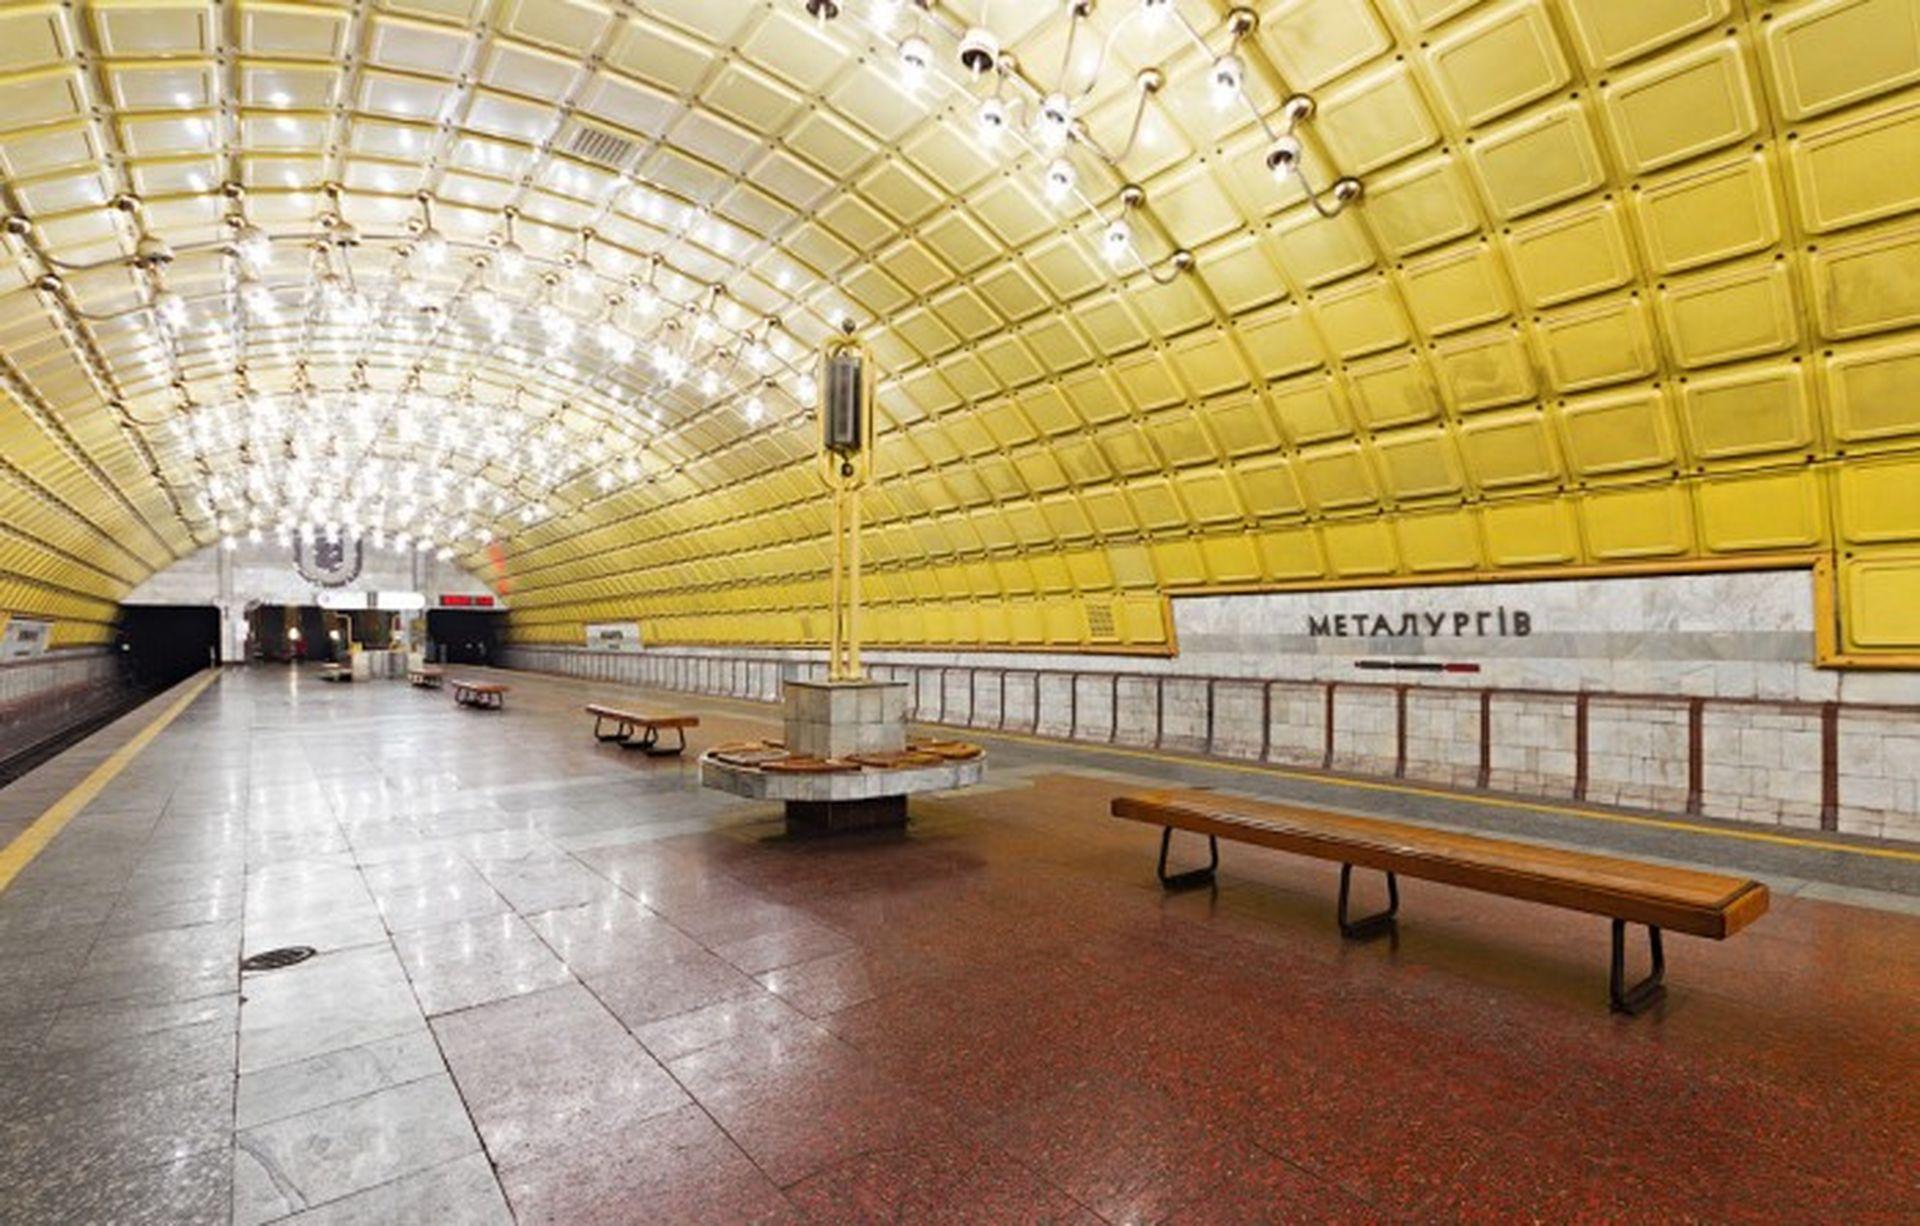 Станції дніпровського метрополітену проектуватиме британське архітектурне бюро